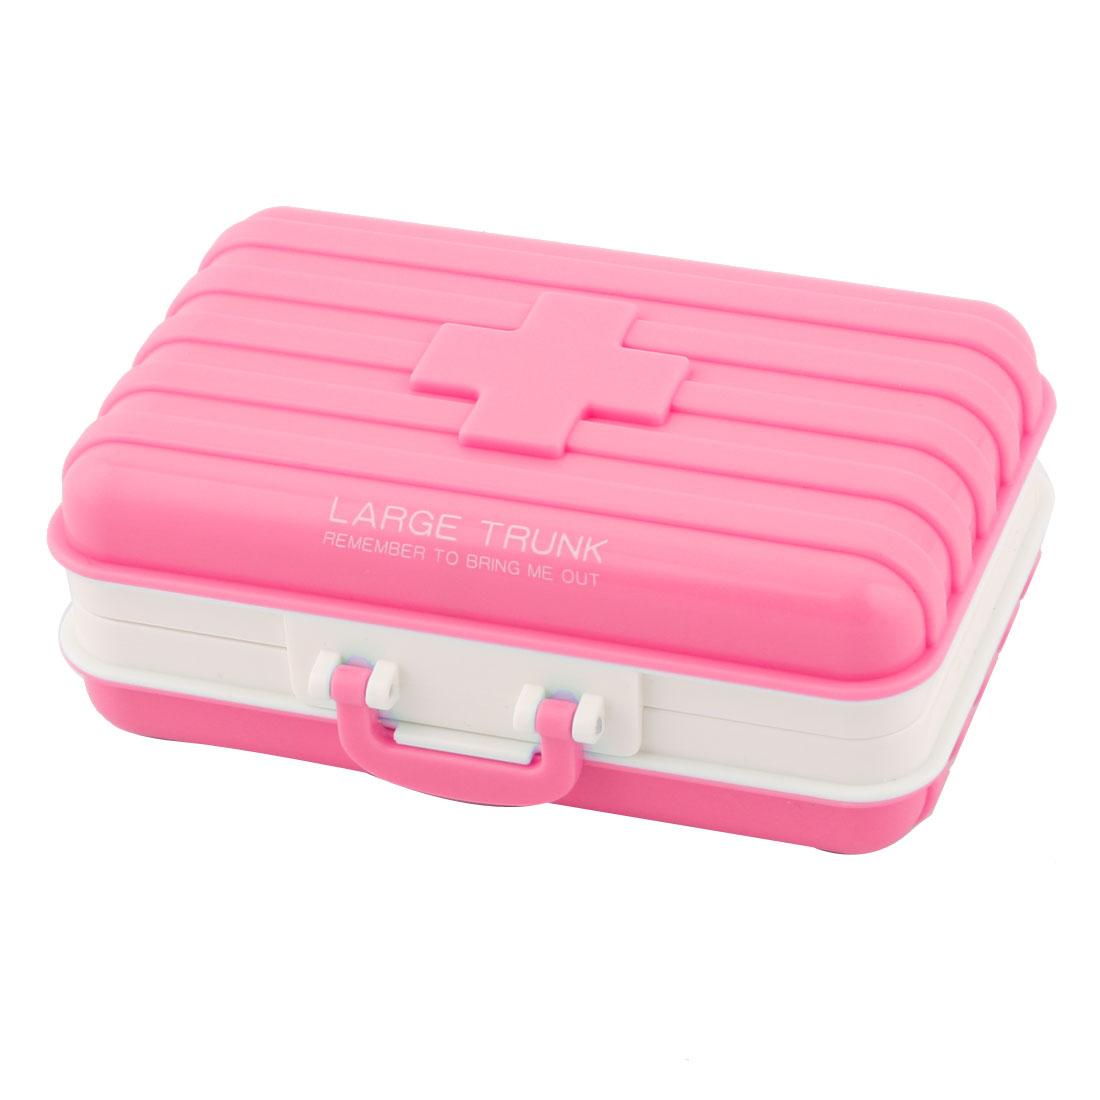 Plastic Suitcase Design 6 Slots Medicine Pill Capsule Storage Box Organizer Pink